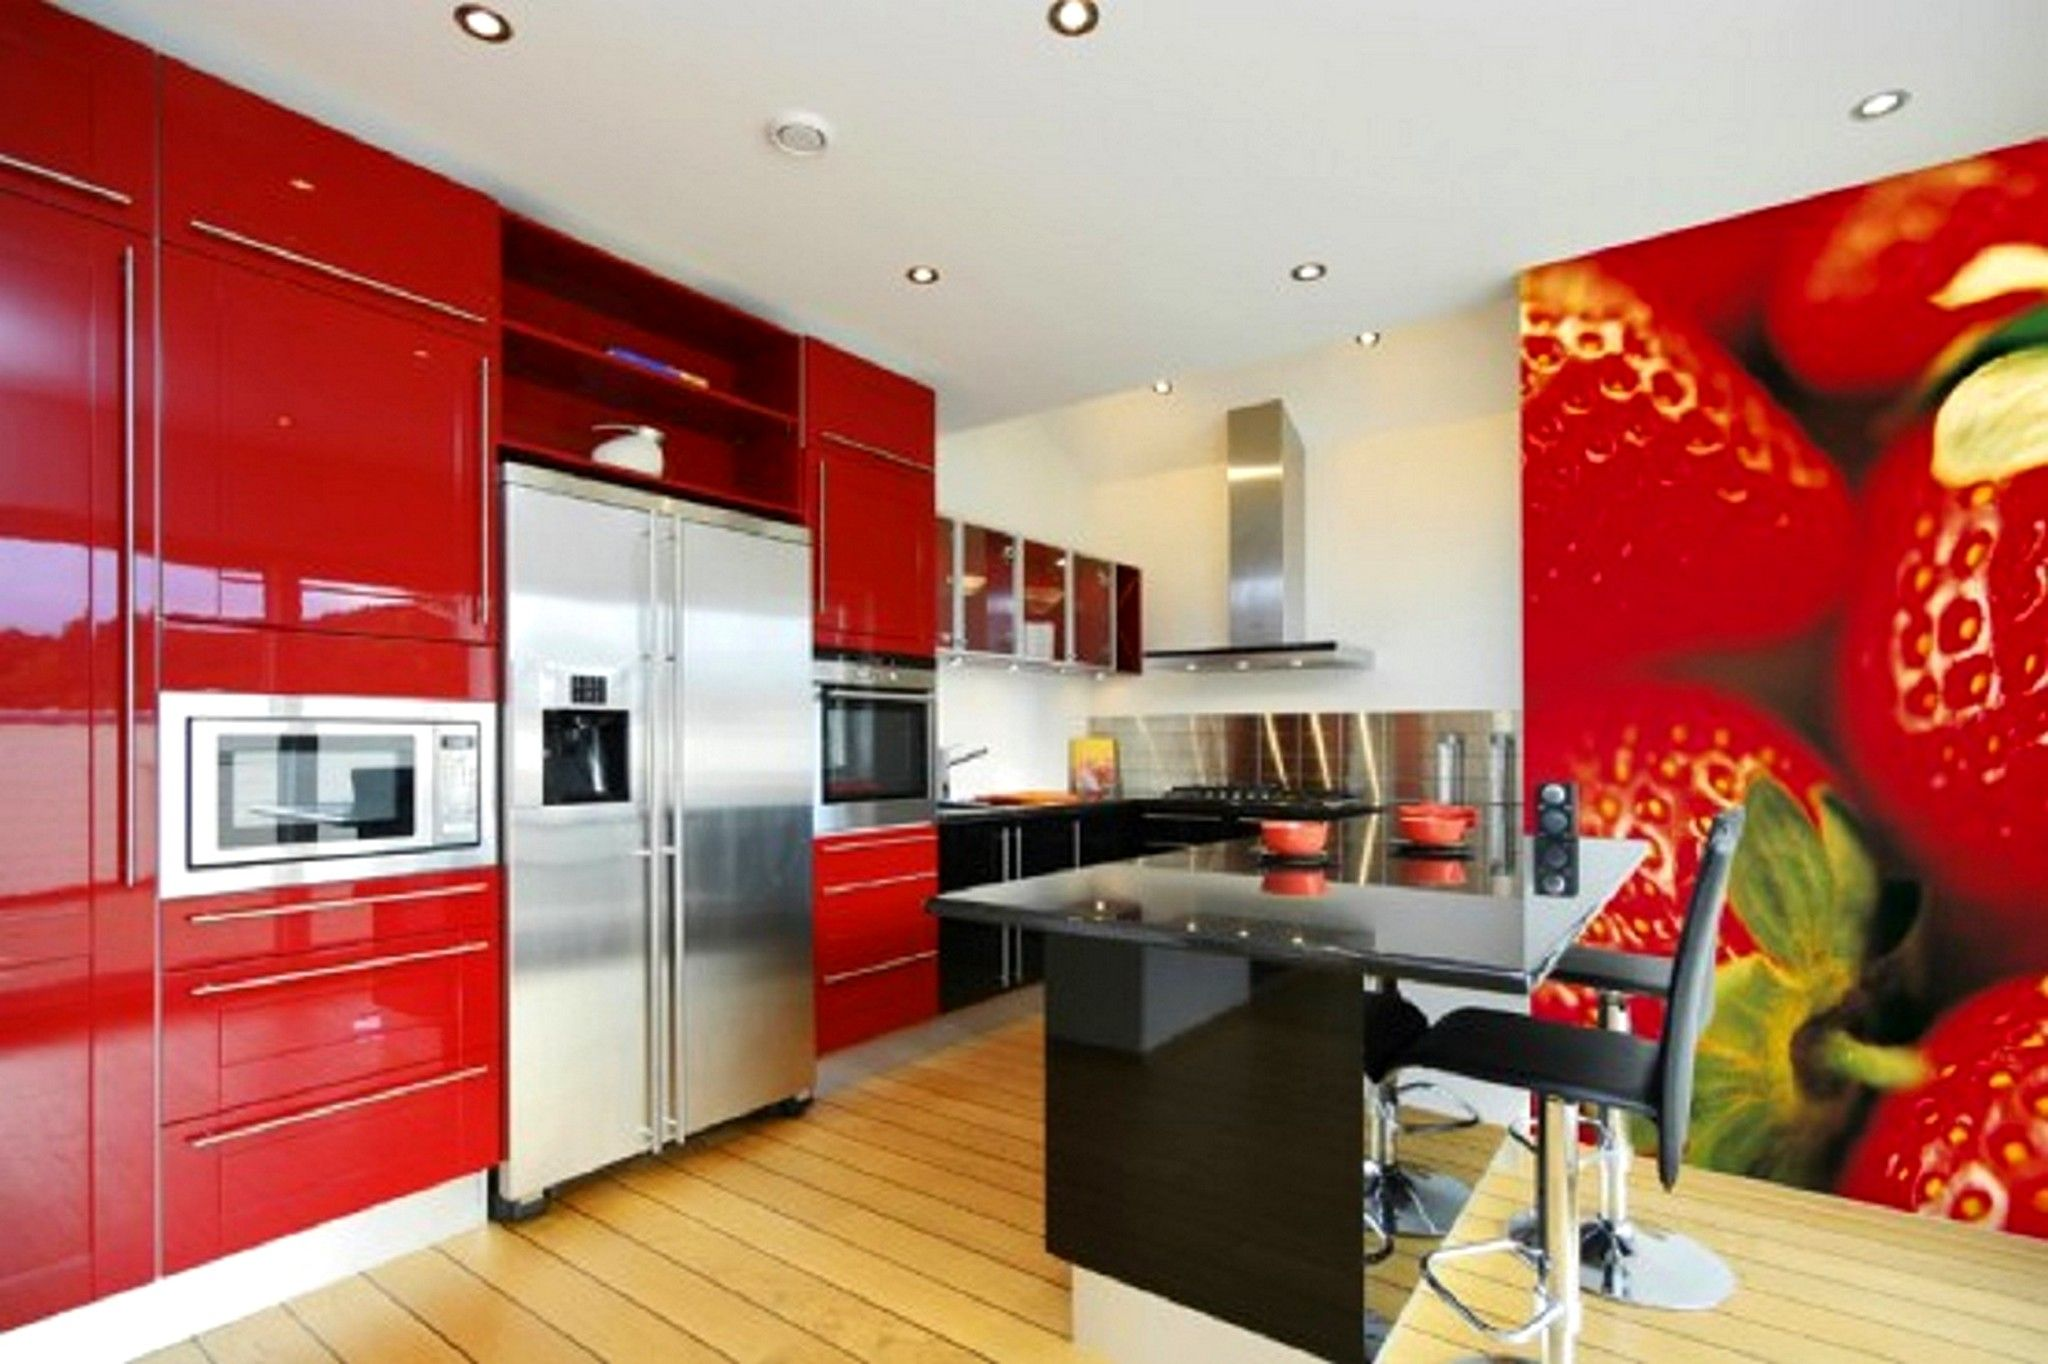 Mod Strawberry Kitchen Red Metal Kitchen Cabinets Kitchen Cabinet Styles New Kitchen Cabinets